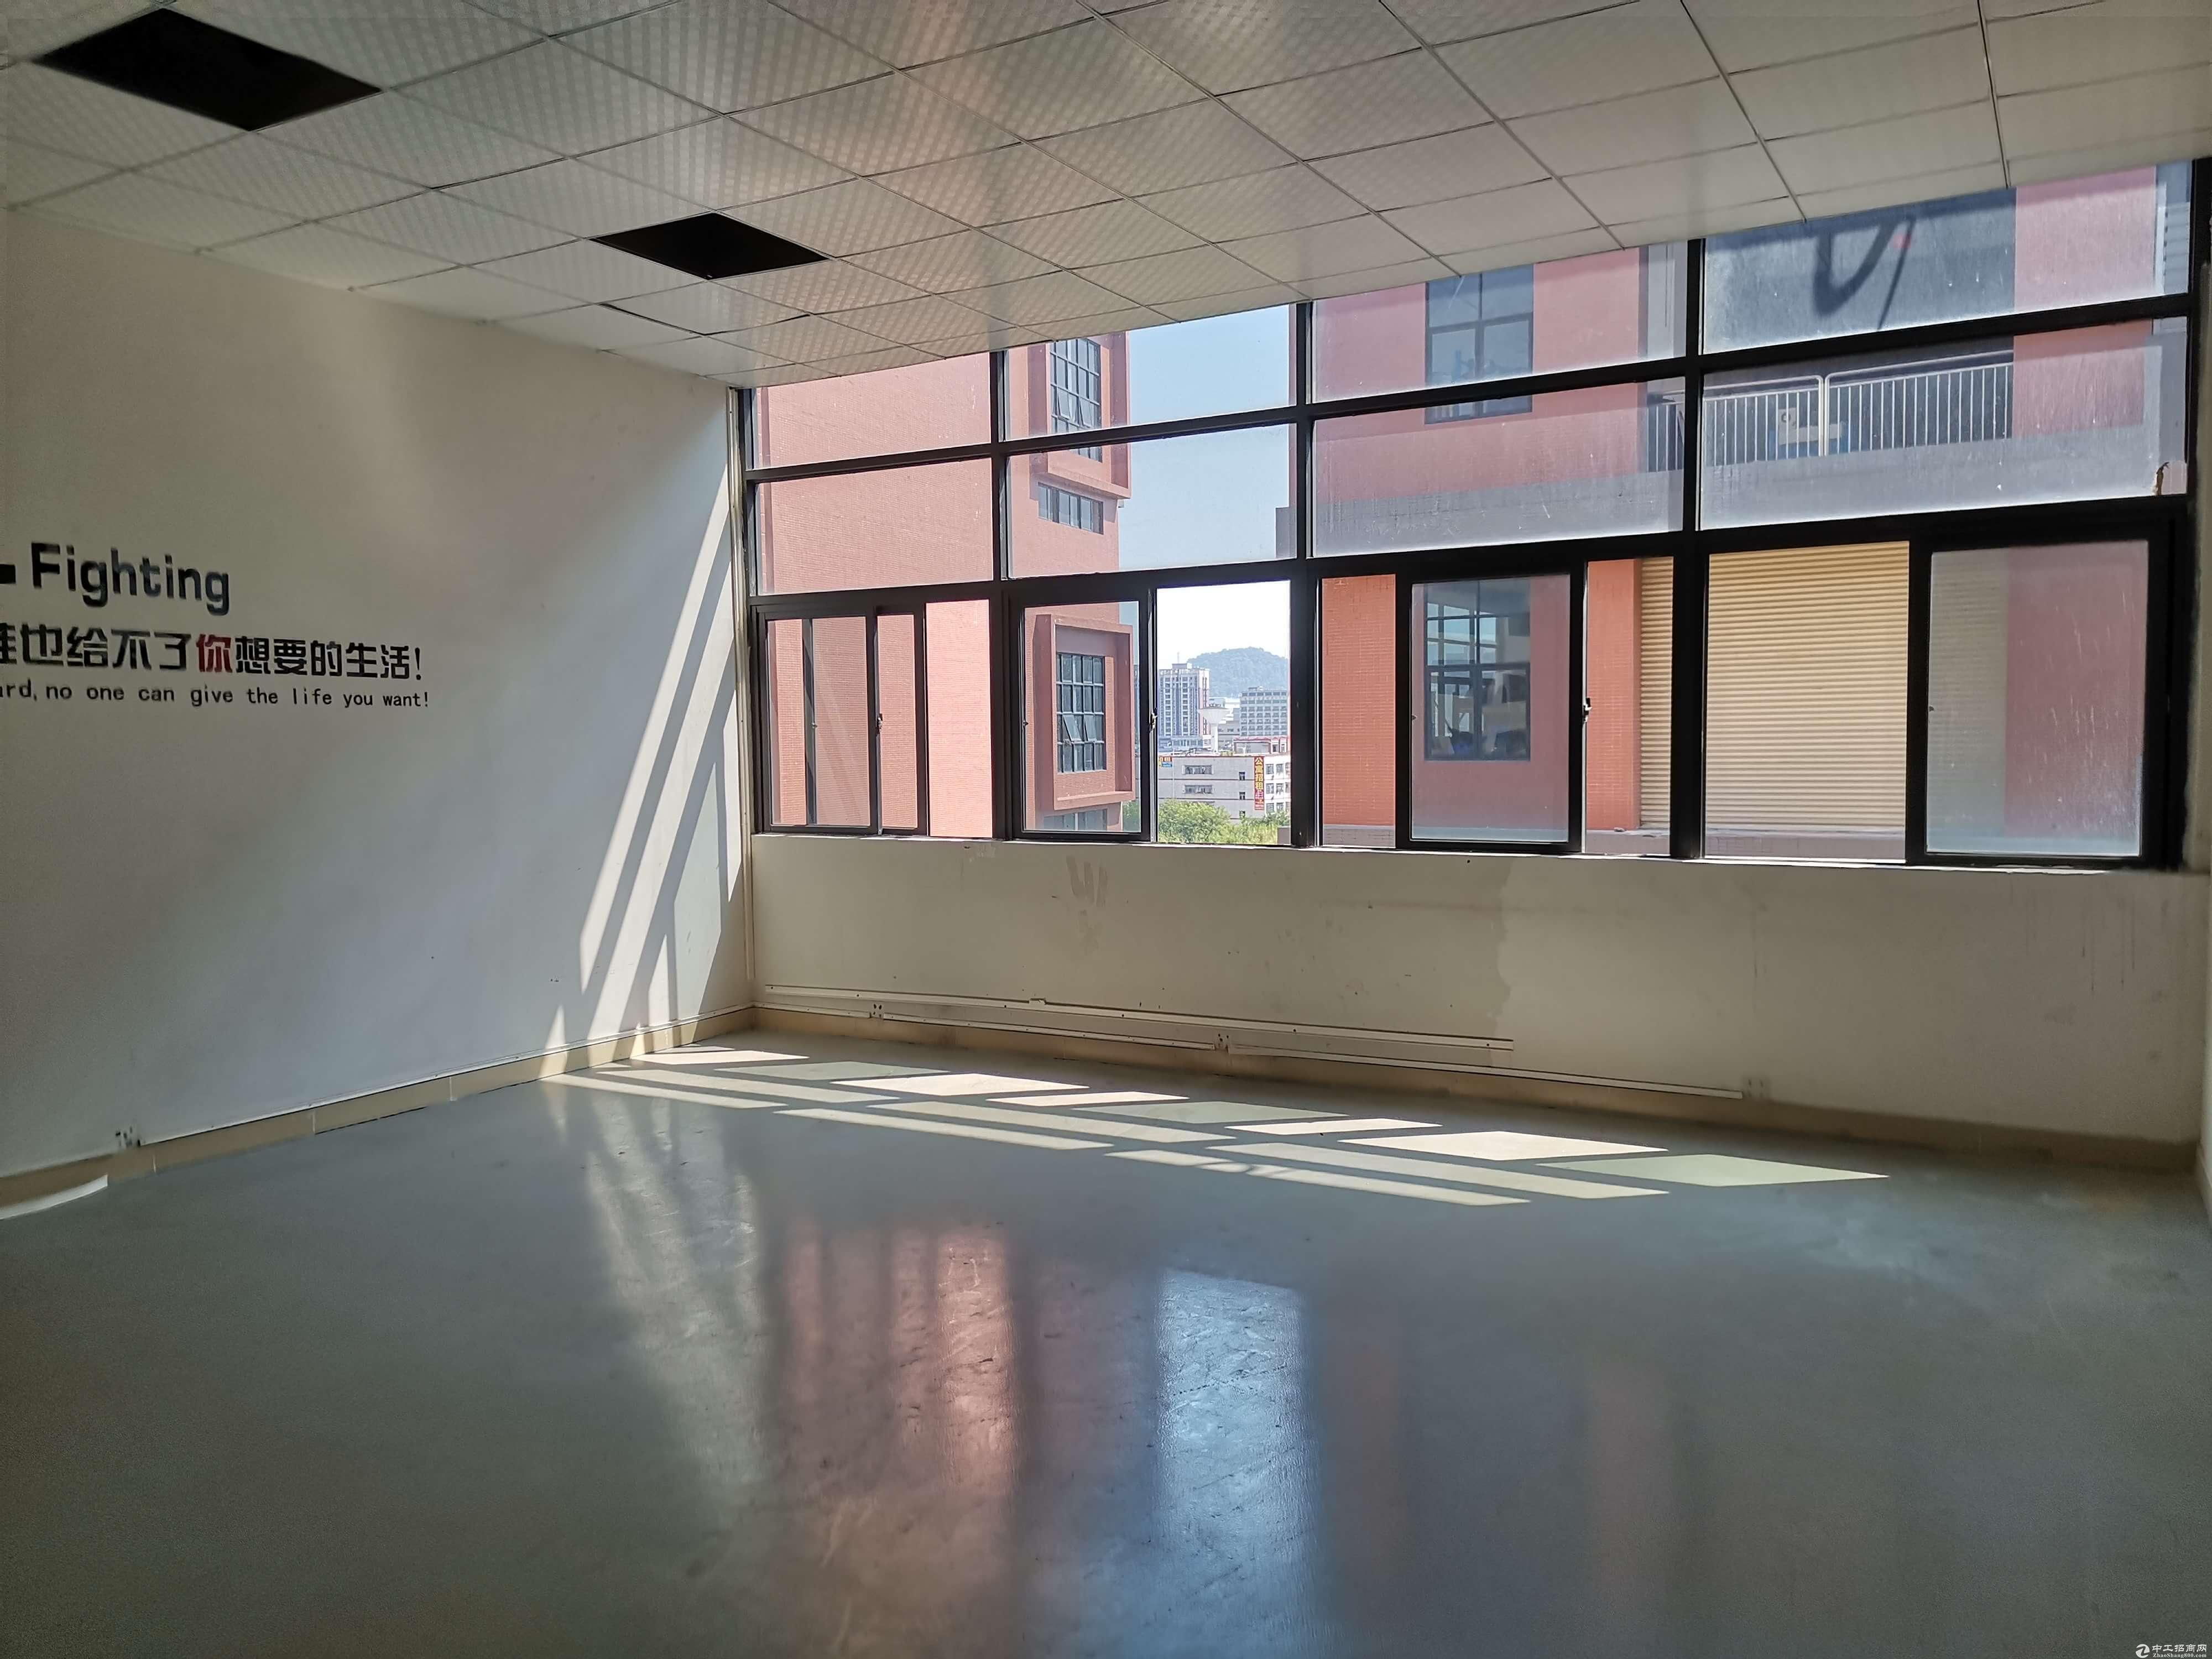 凤岗楼上280平方车间带办公室新装修地坪漆有电梯入驻即可生产